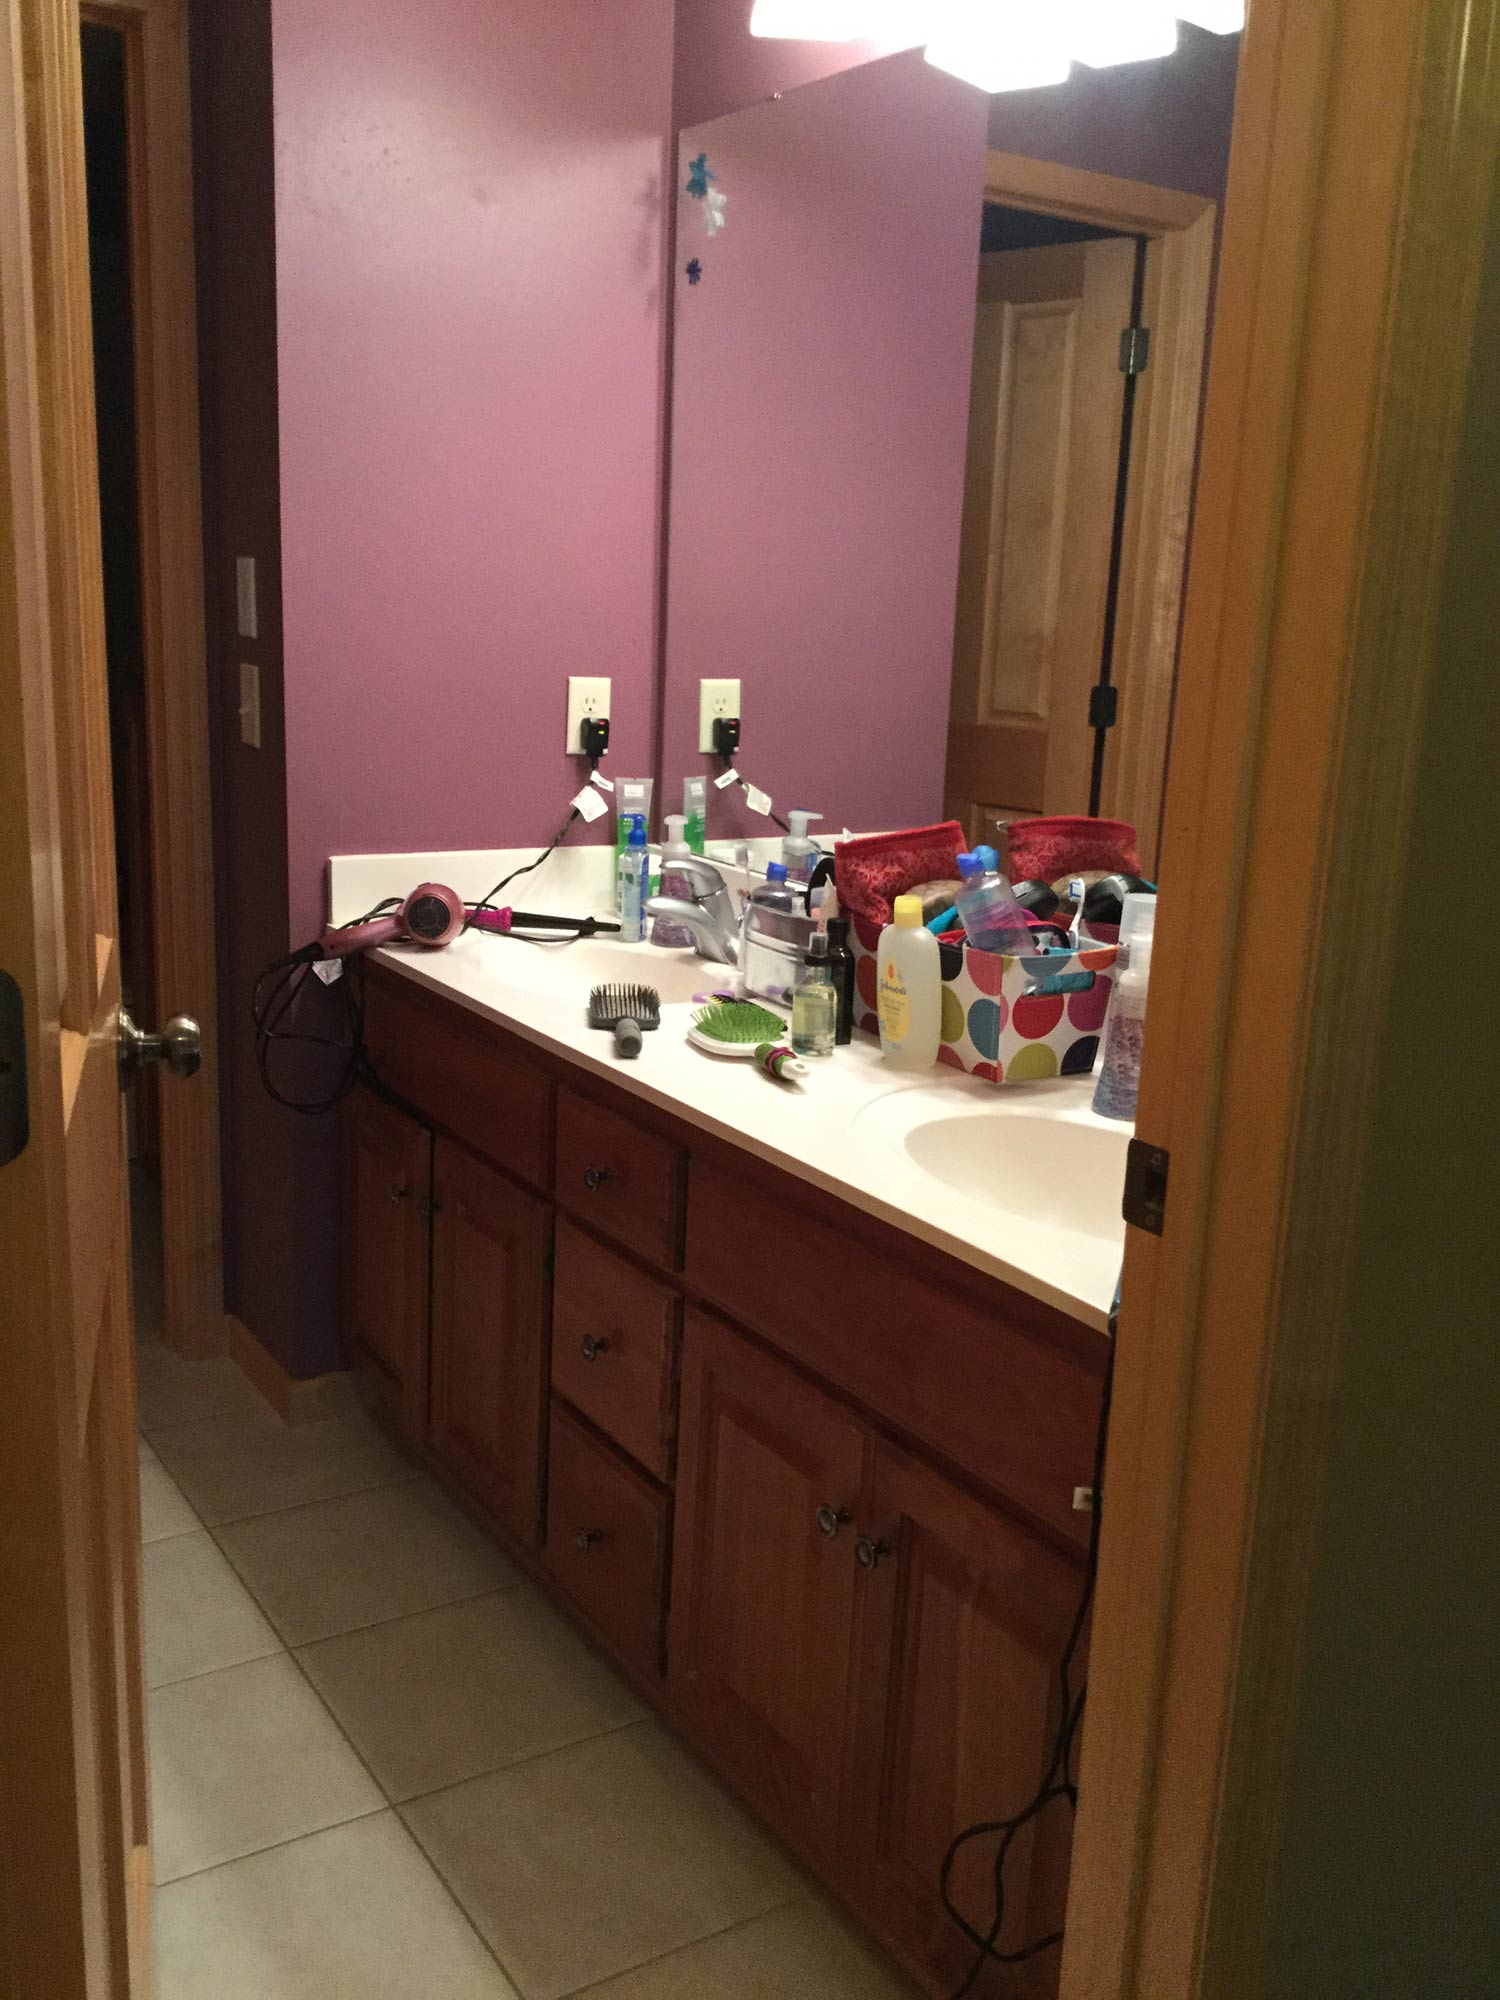 Copy of Bathroom Remodel Vanity - Before Photo